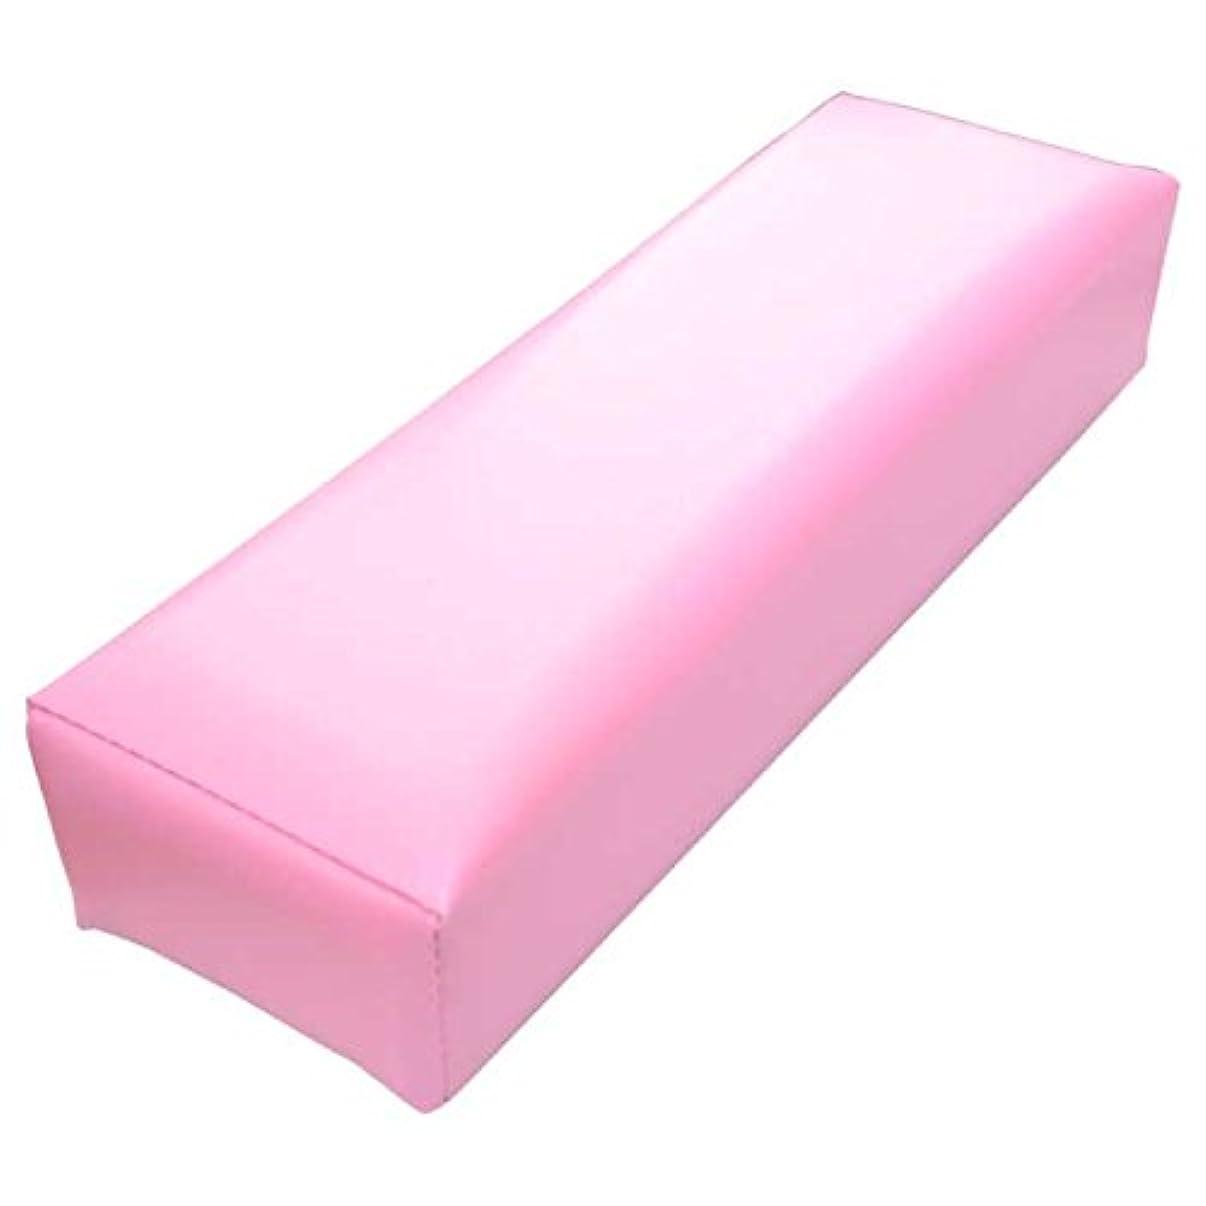 知覚するいわゆる理解低反発 クッション 素材 ネイル用 アームレスト D9cm×W30cm×6cm ソフト ピンク 腕枕 手枕